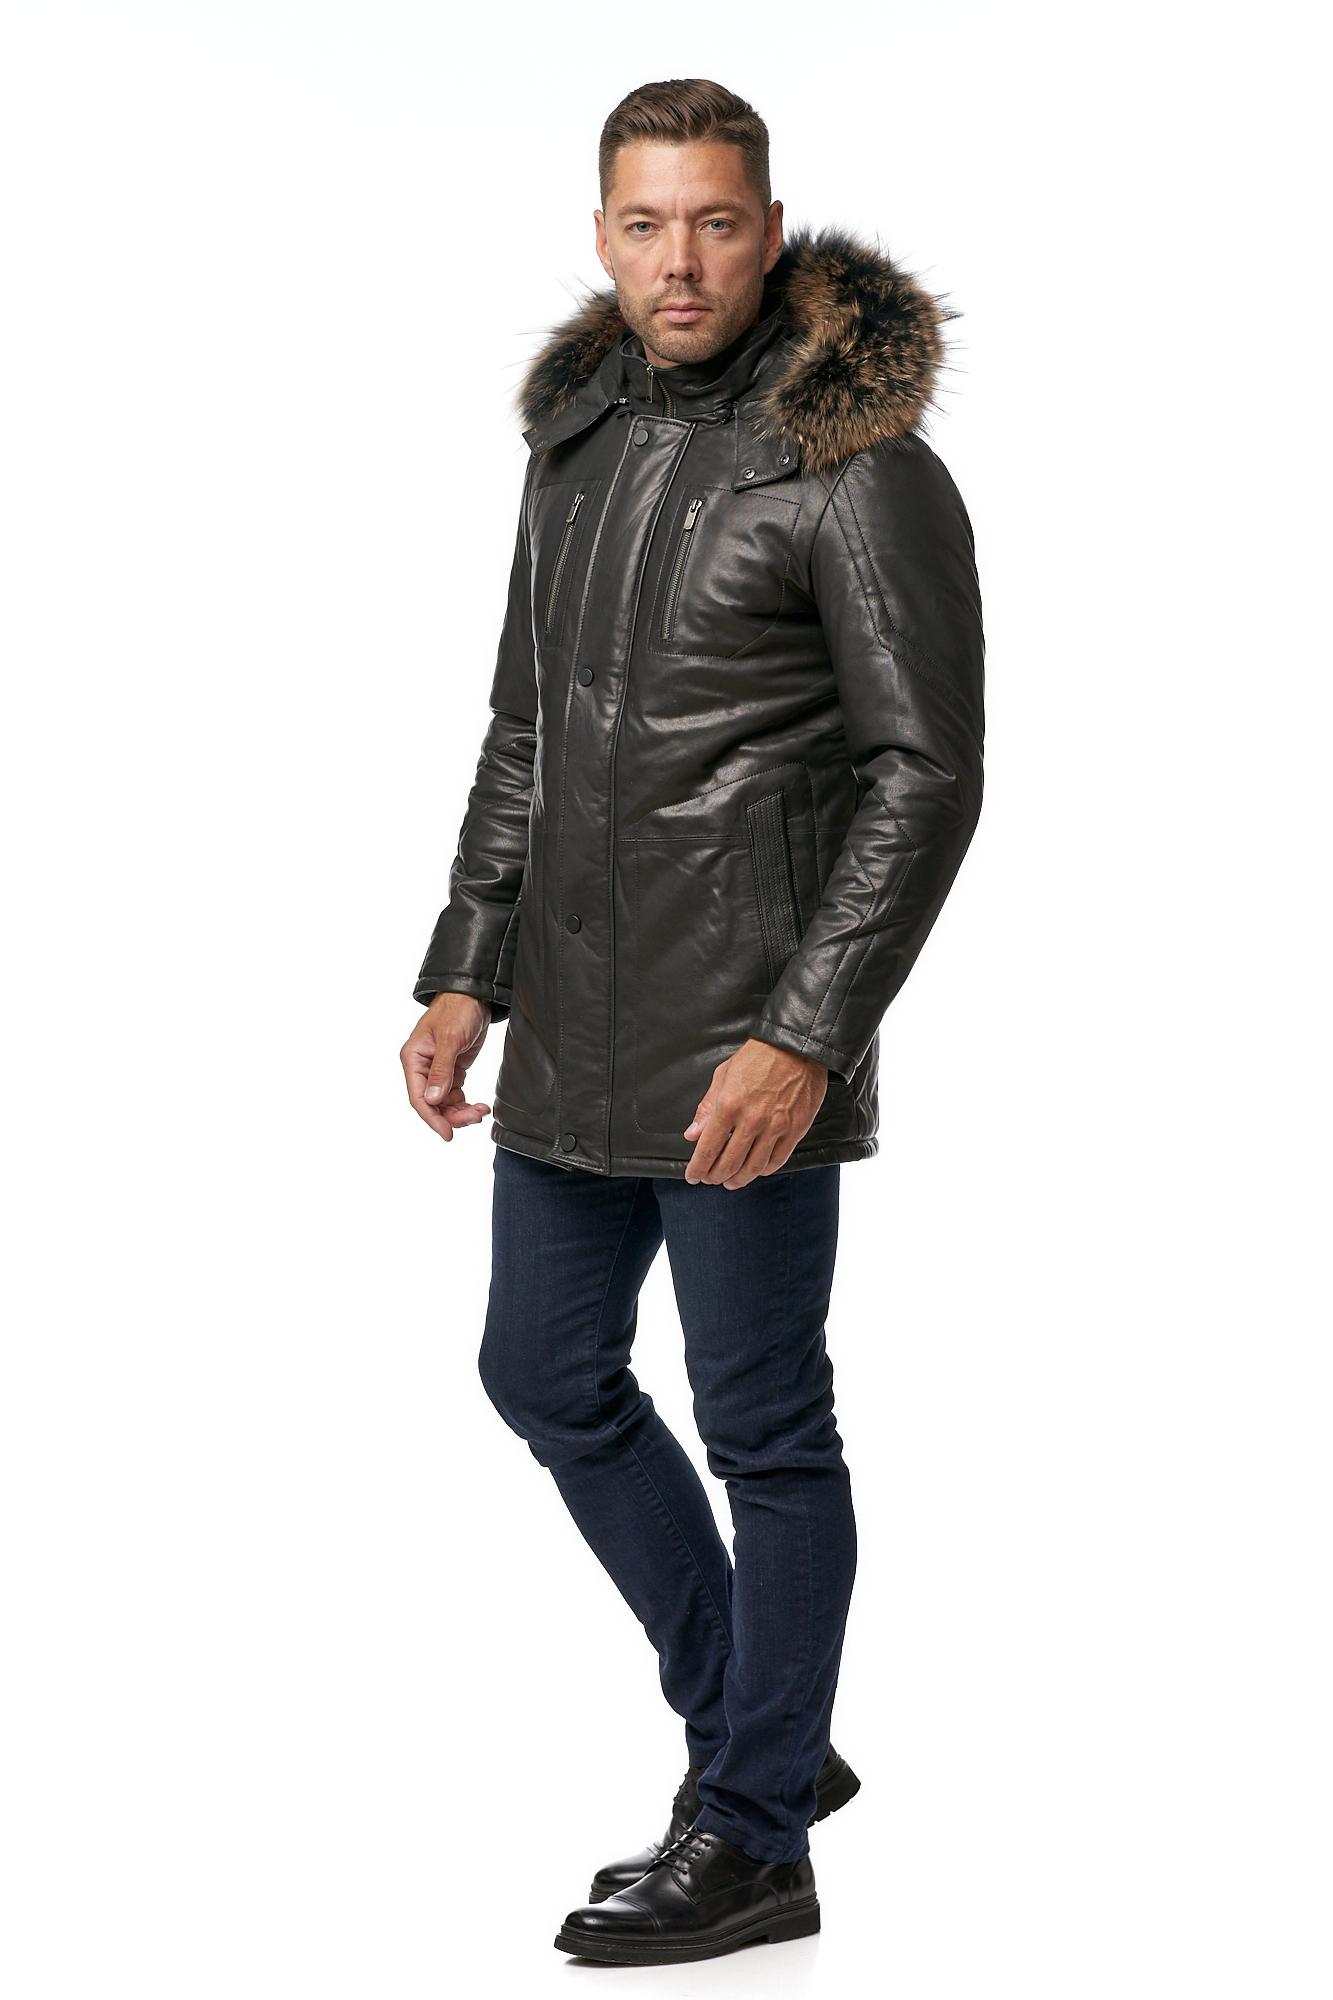 Мужская кожаная куртка из натуральной кожи с капюшоном, отделка енот фото 2